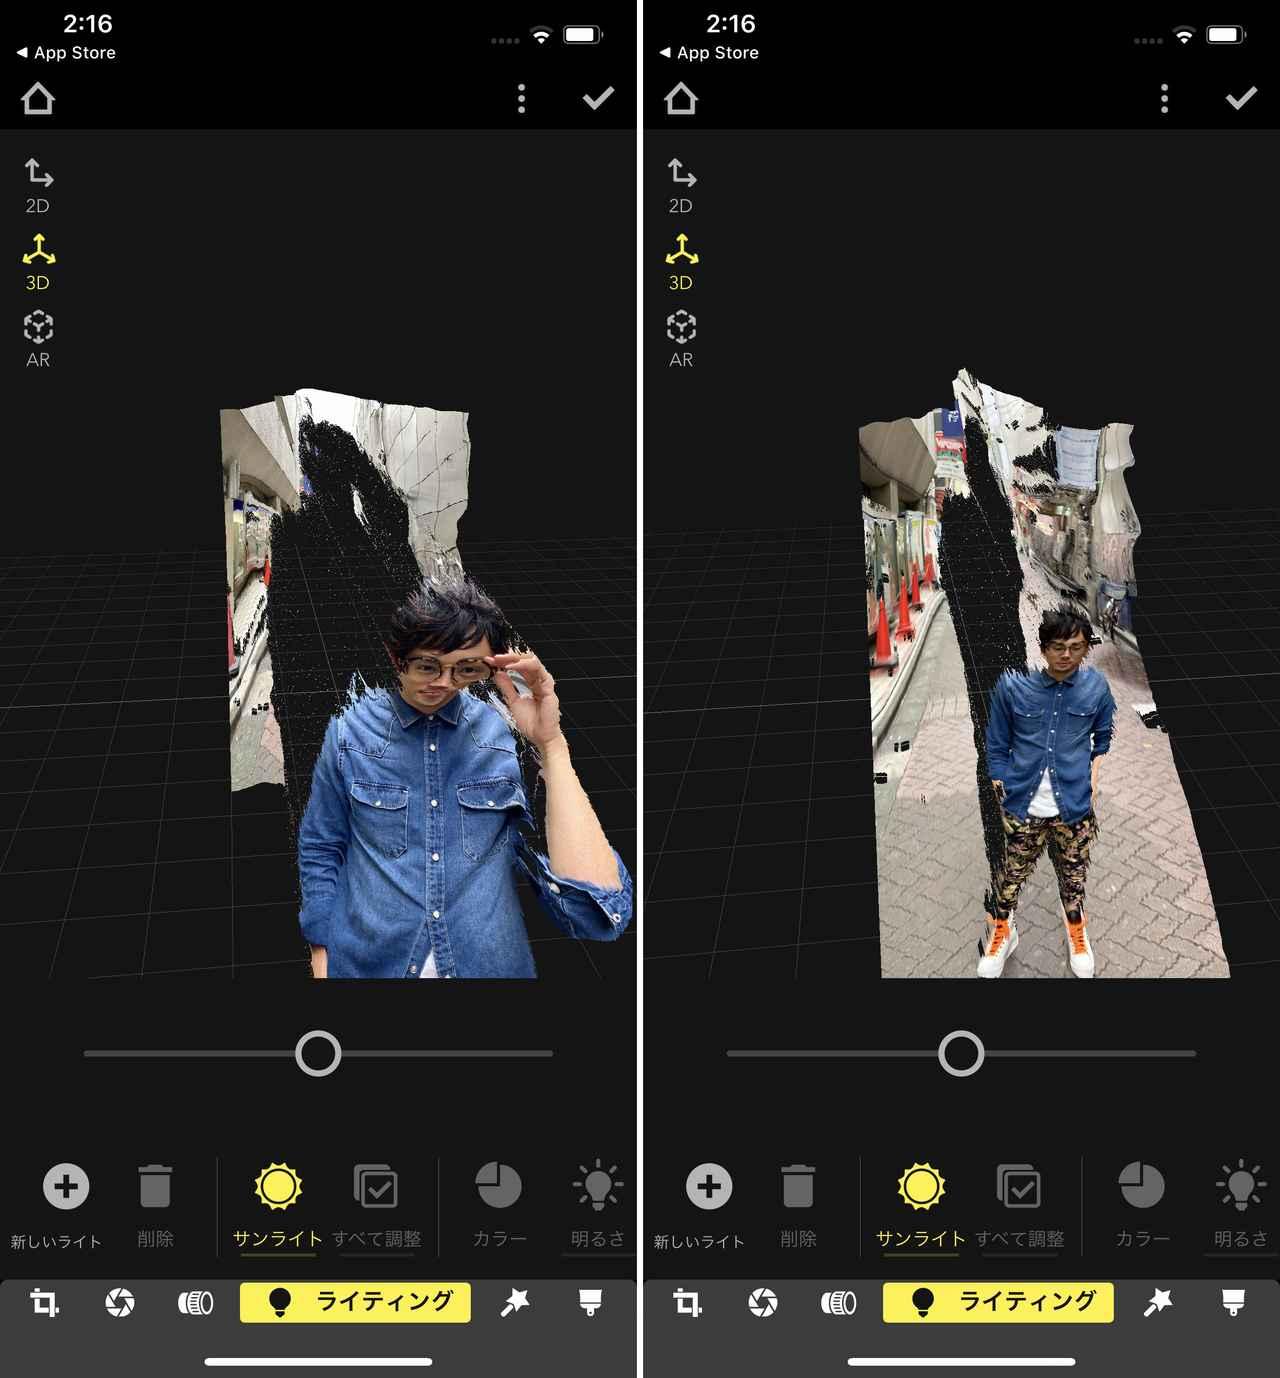 画像: FOCOSによるポートレート写真解析 FOCOSというアプリを使うと、iPhoneのポートレート写真が被写体と背景をどのように区別して認識しているかを立体的に見ることができる。iPhone 11 Pro Maxで撮影した広角ポートレートと望遠ポートレートを比較してみた。 apps.apple.com